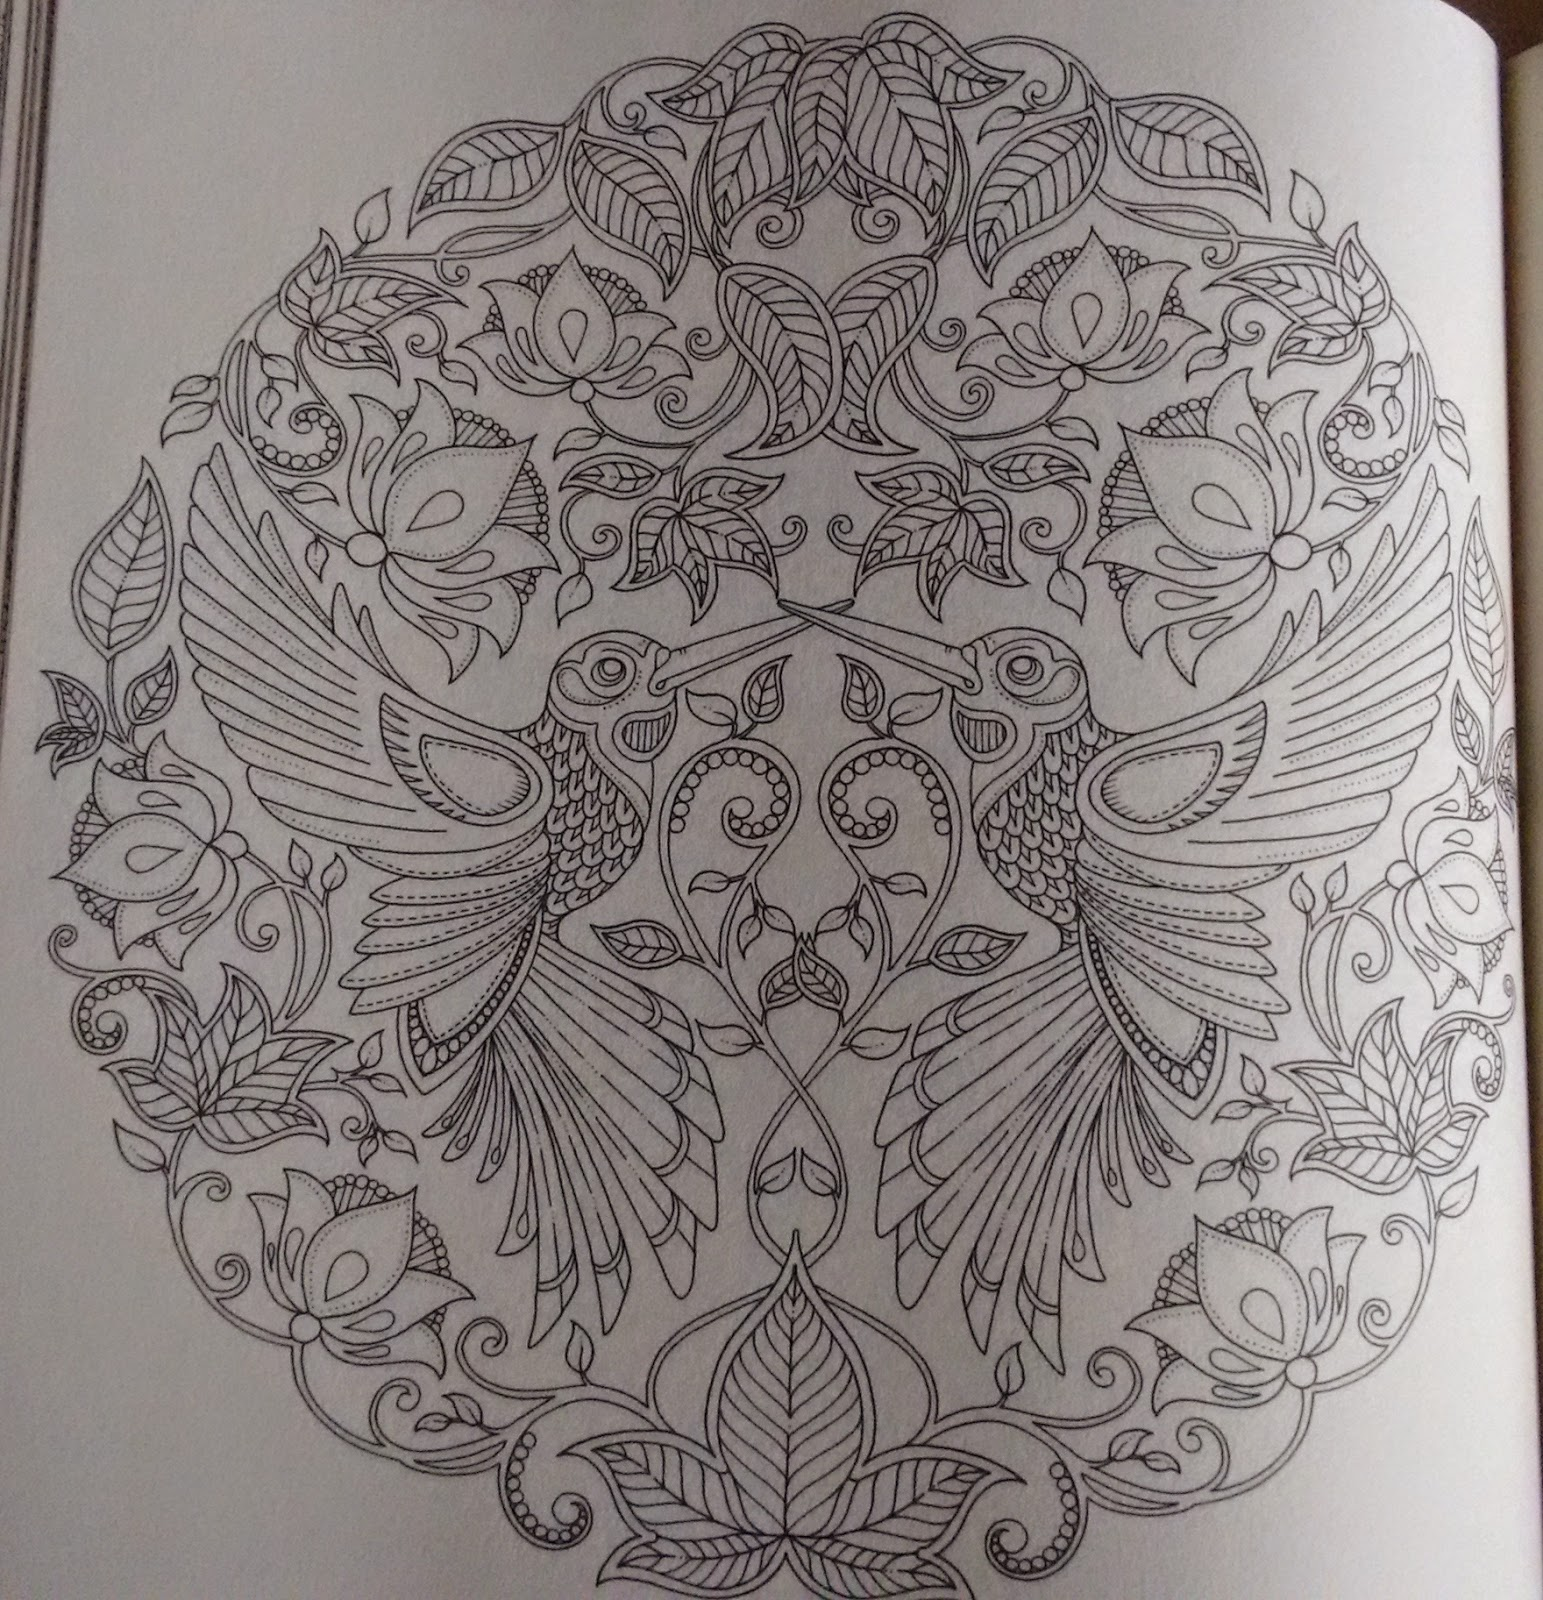 flor azul jardim secreto:Como eu tinha comprado a caixa de lápis metálicos da Faber, resolvi